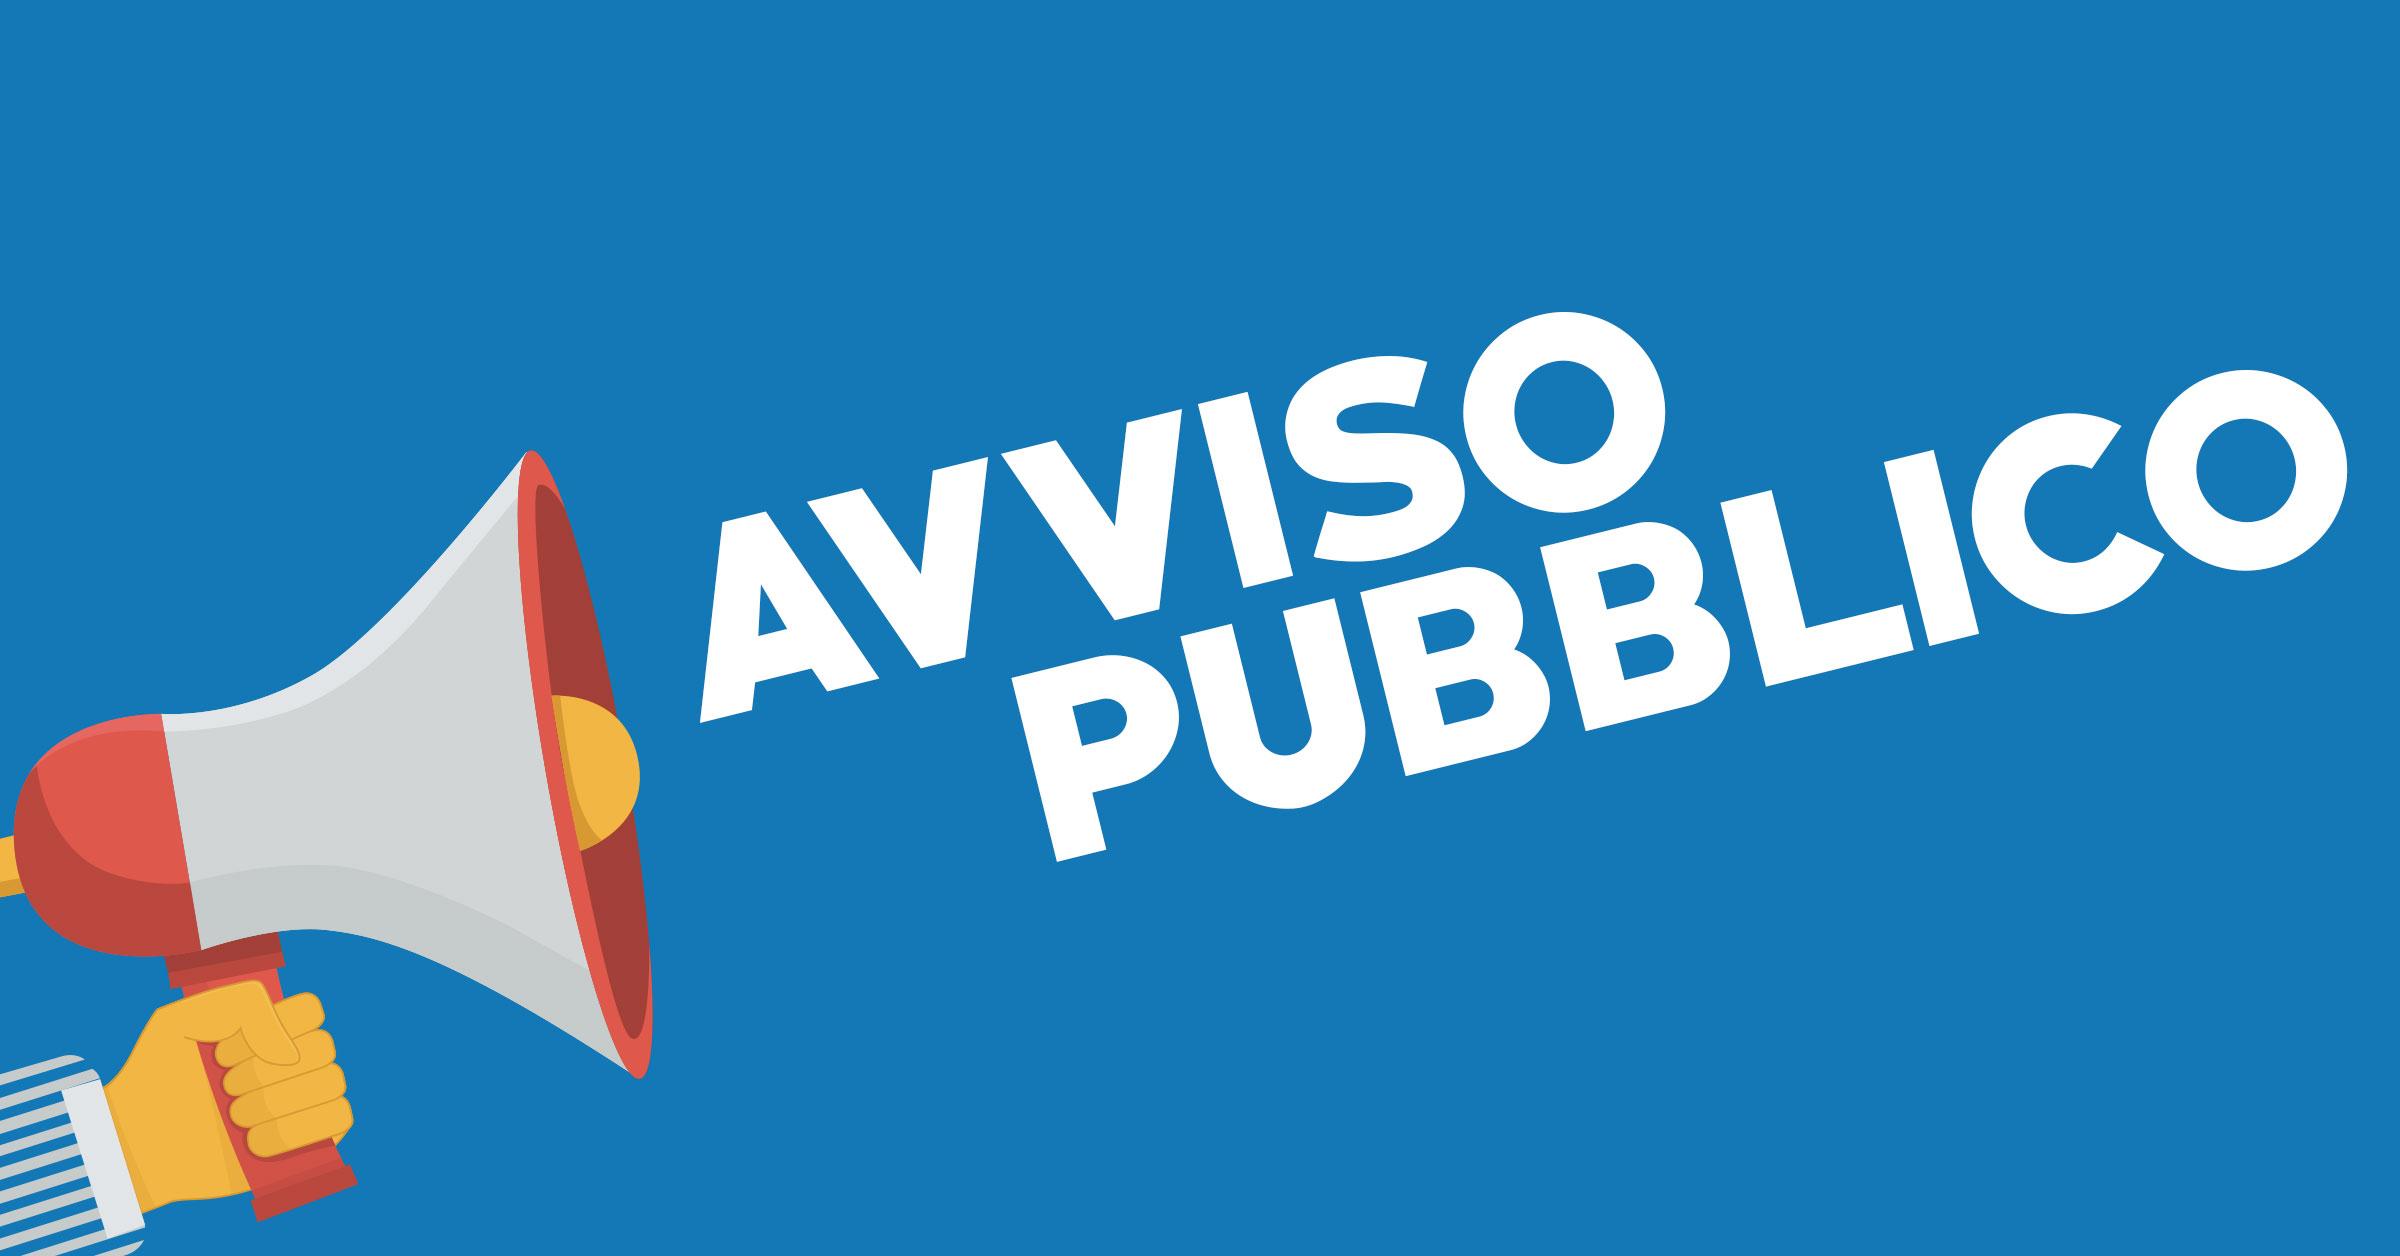 """AVVISO PUBBLICO PER MANIFESTAZIONE DI INTERESSE ALL'AFFIDAMENTO DEL SERVIZIO DI PULIZIA E SORVEGLIANZA DELLA PALESTRA, DEGLI SPOGLIATOI DELLA SCUOLA PRIMARIA """"C. ABBA"""""""